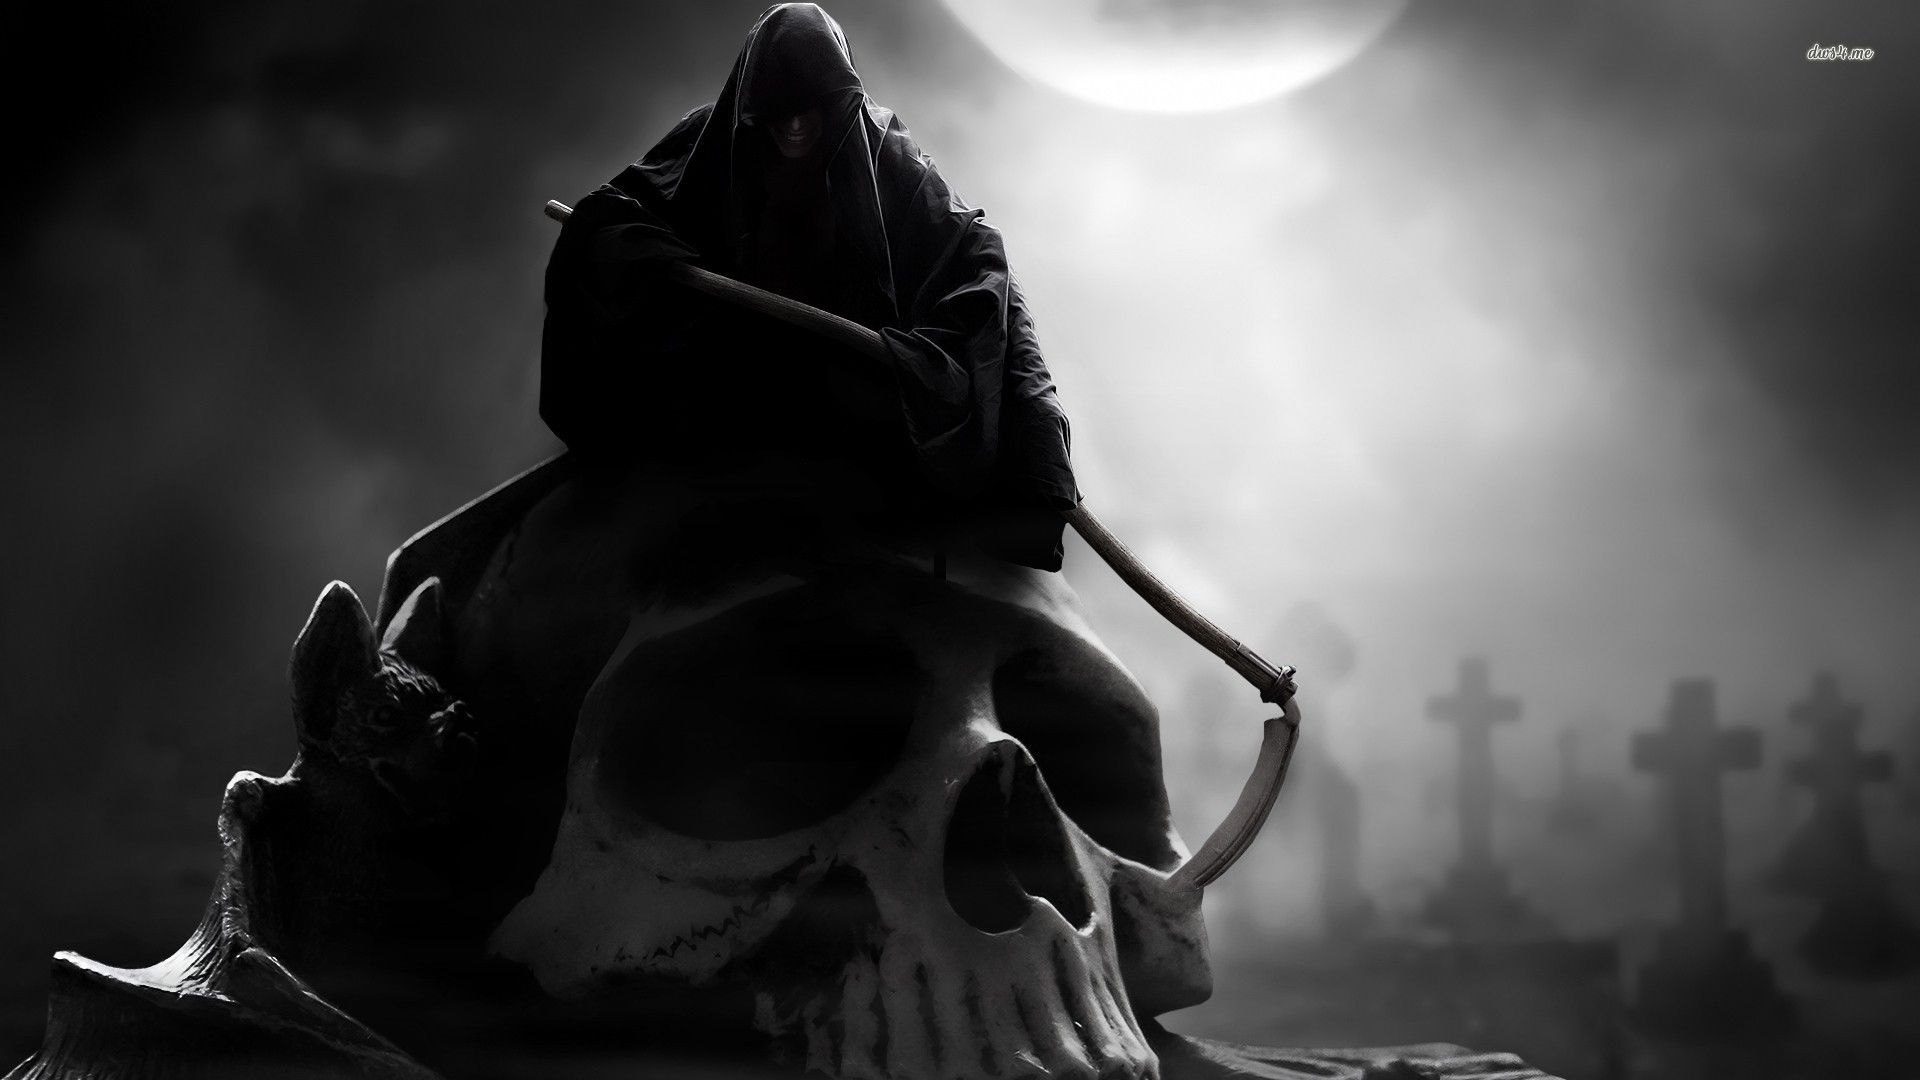 Grim Reaper Wallpapers Desktop Background For Desktop ...